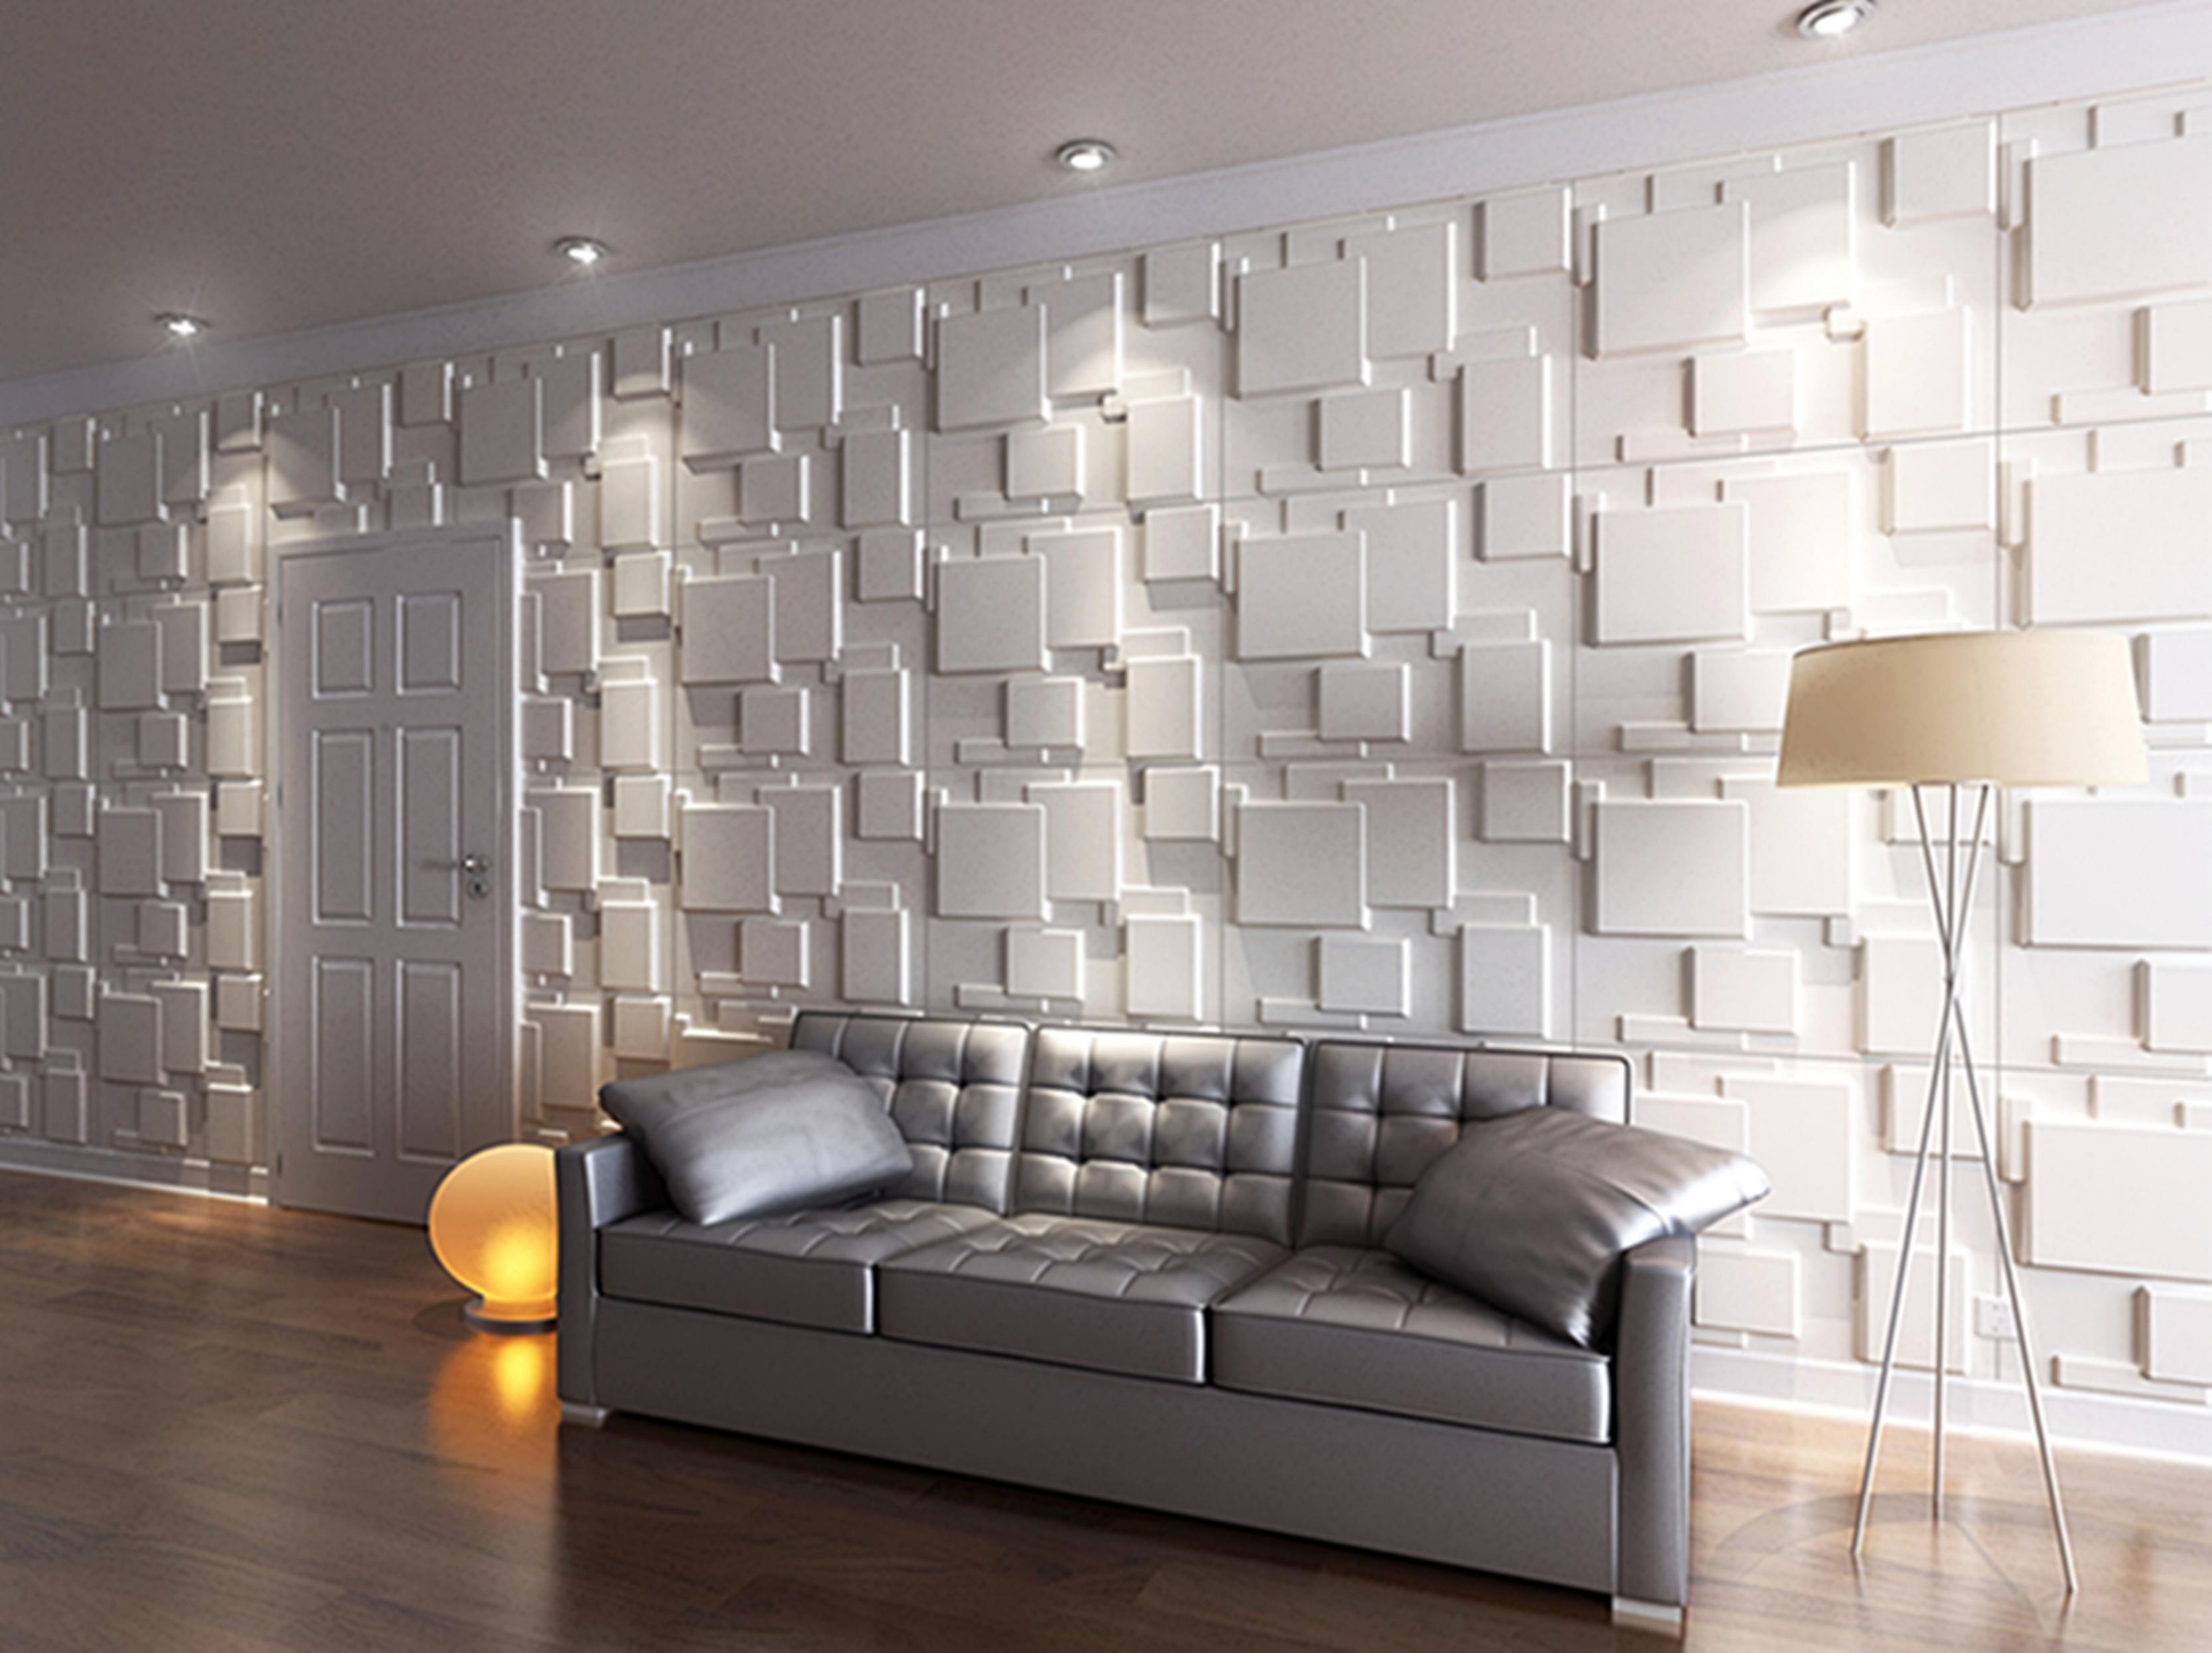 صورة ورق جدران ثلاثي الابعاد , احدث الصور لورق الجدران الثلاثي الابعاد 2860